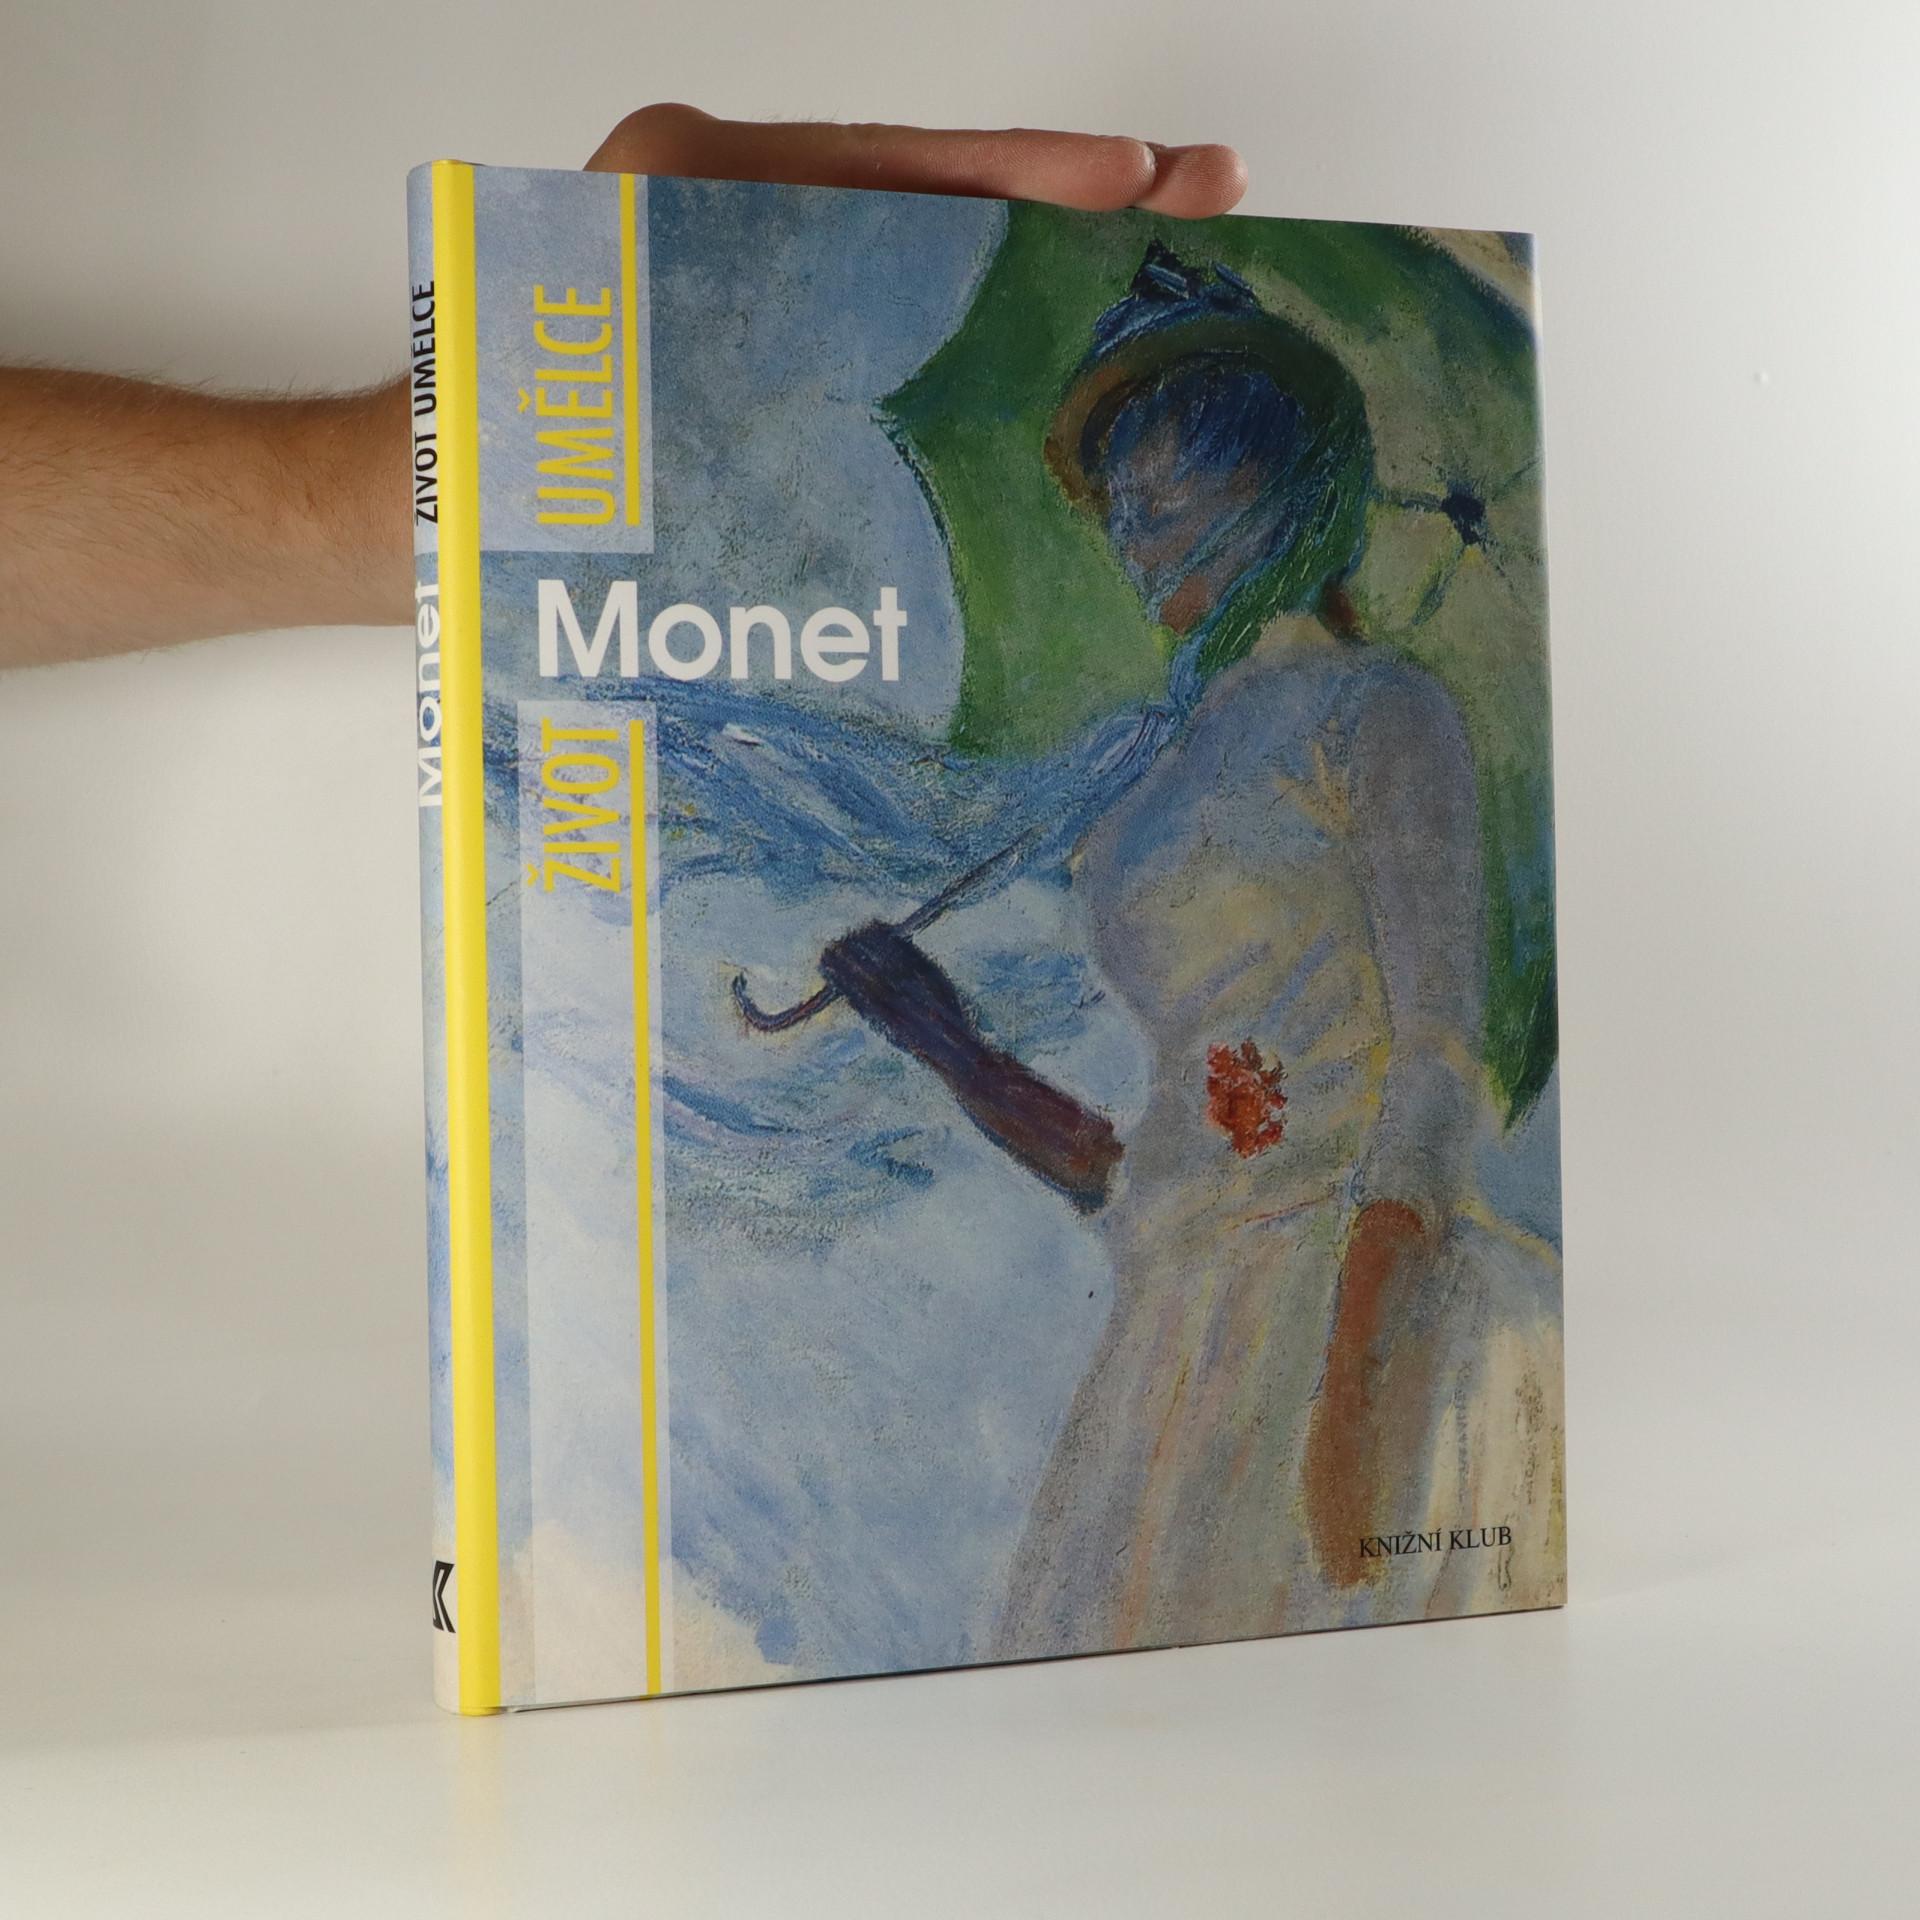 antikvární kniha Monet, 2010